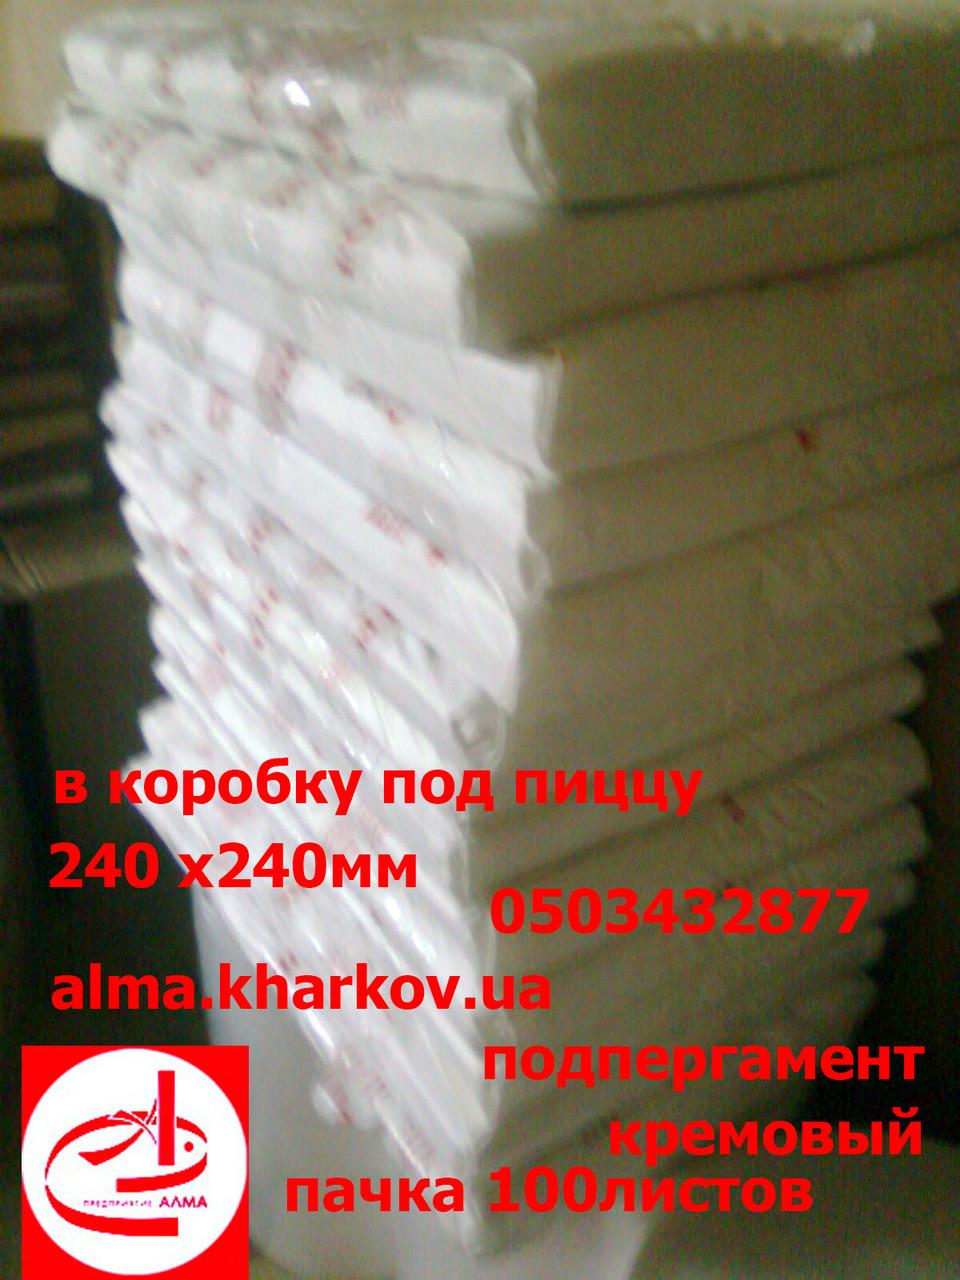 Подпергамент в листах, размотка